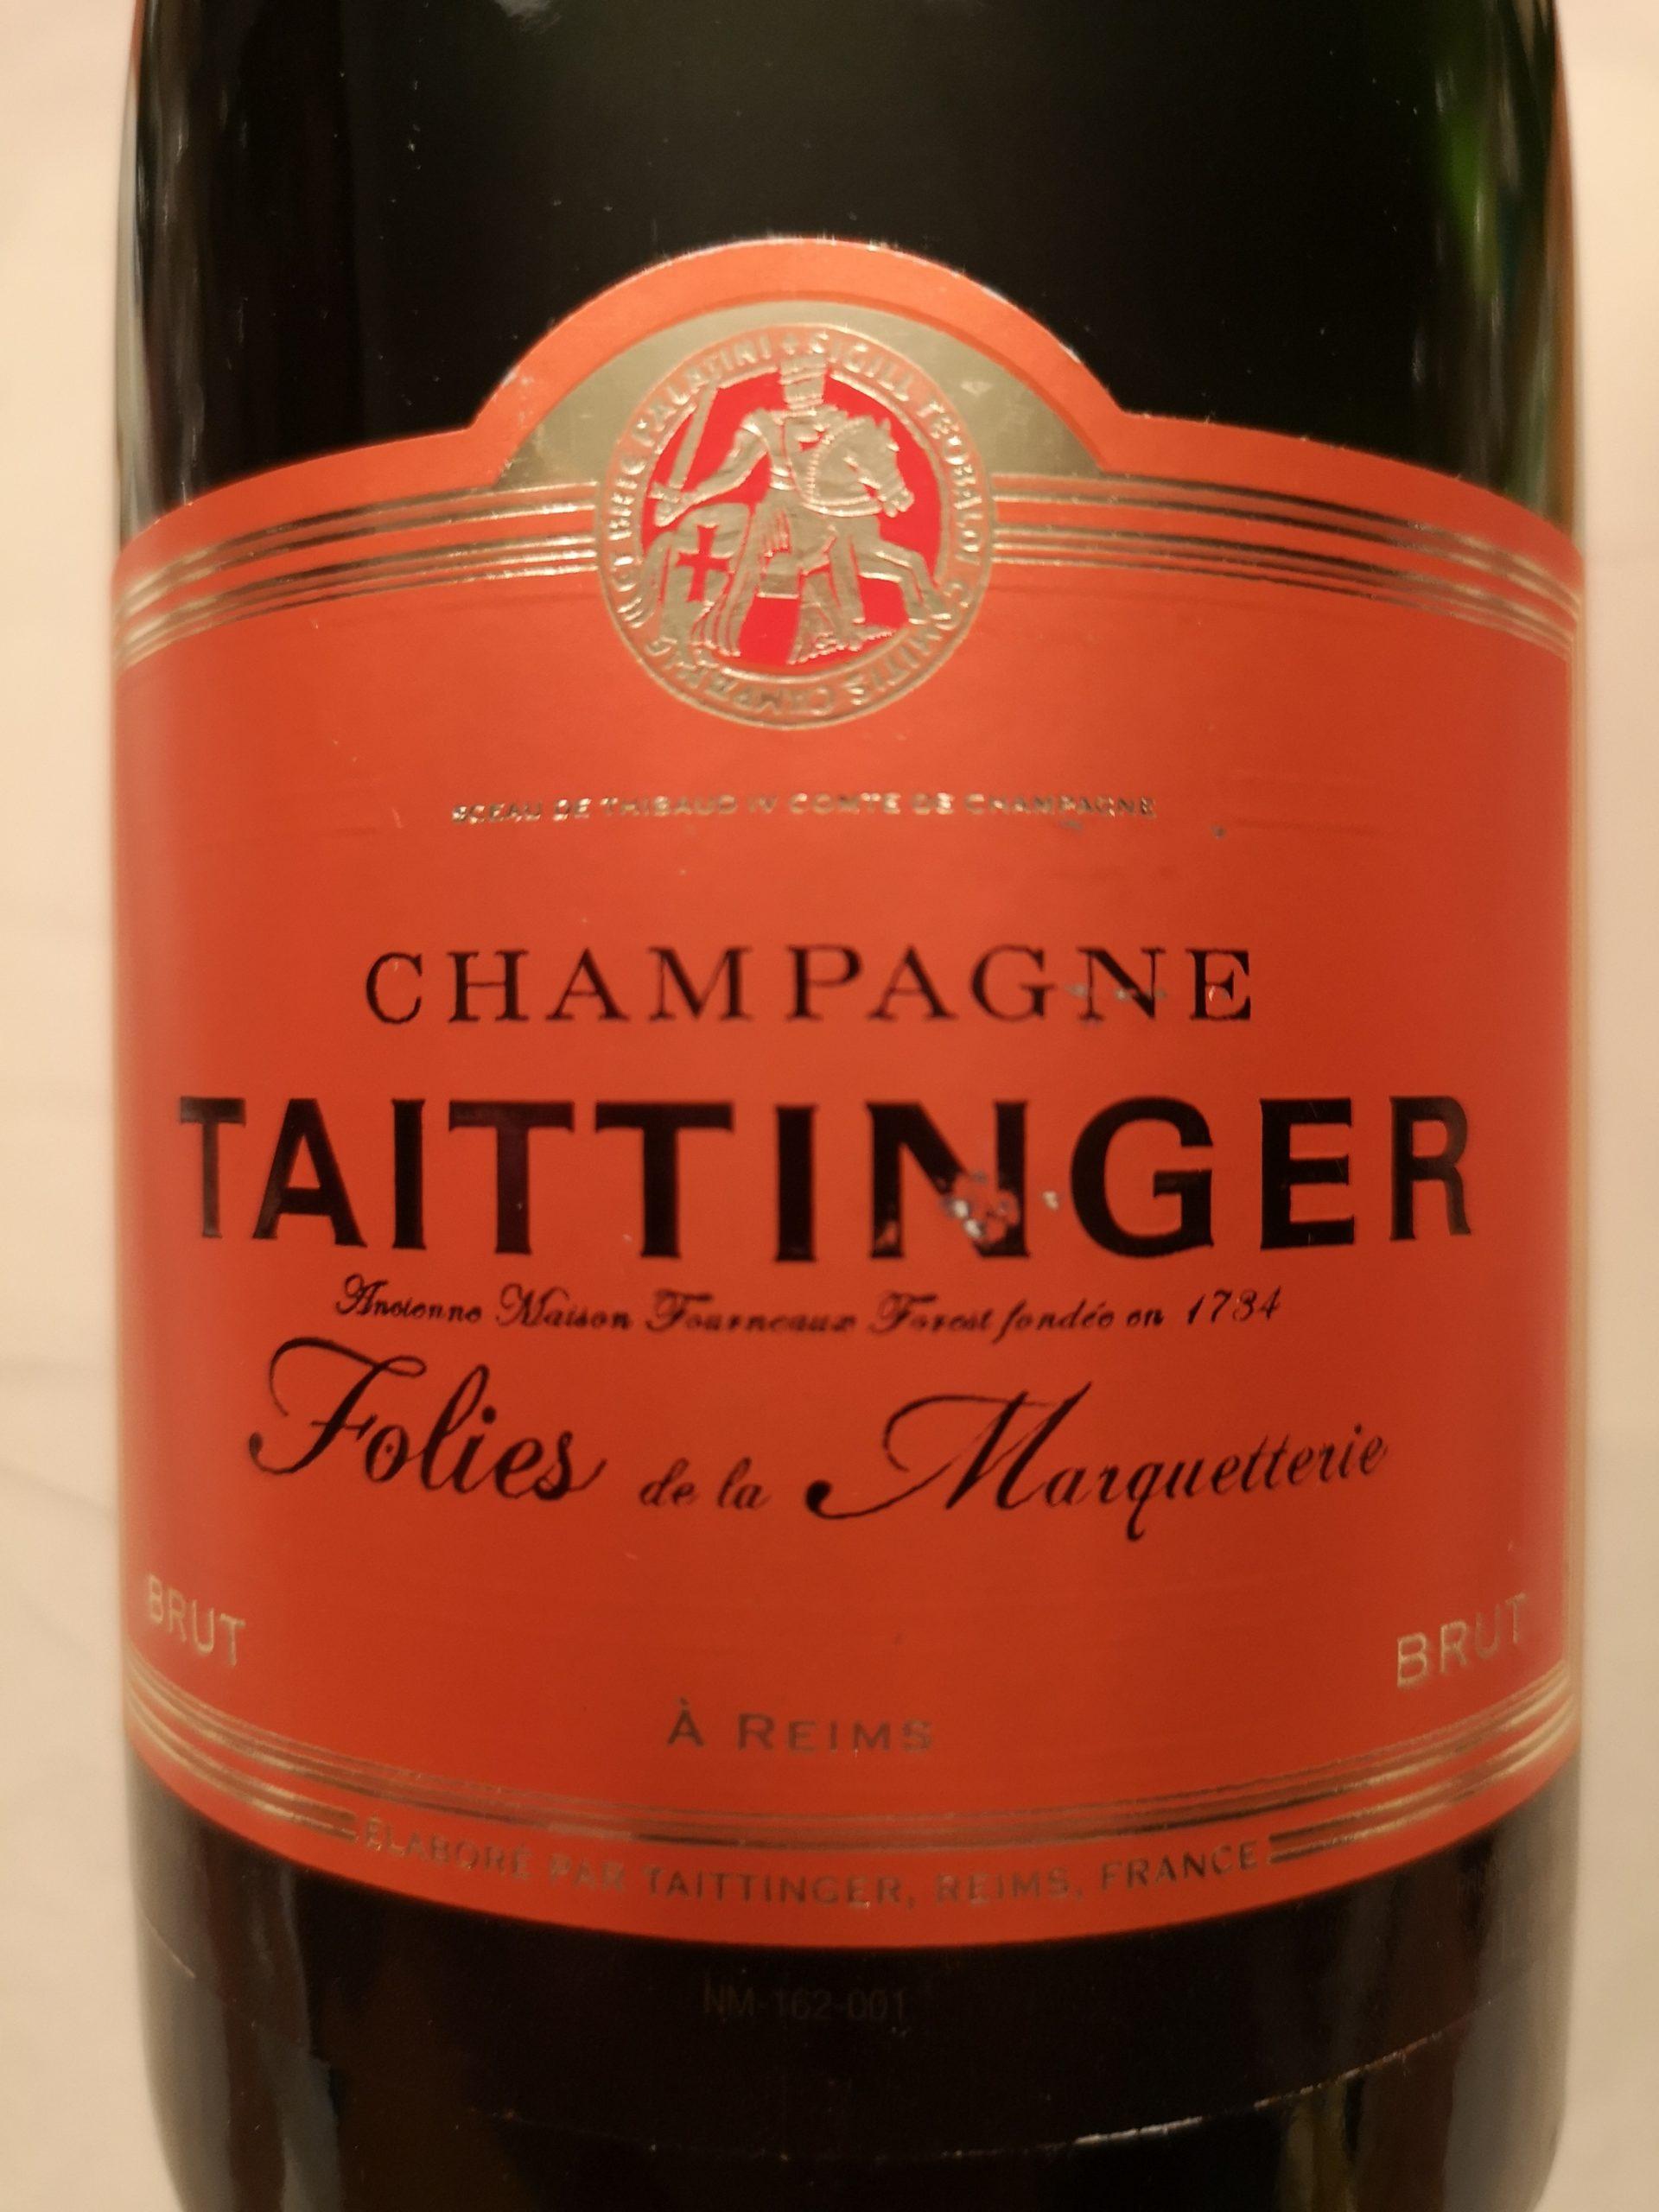 -nv- Champagne Les Folies de la Marquetterie | Taittinger